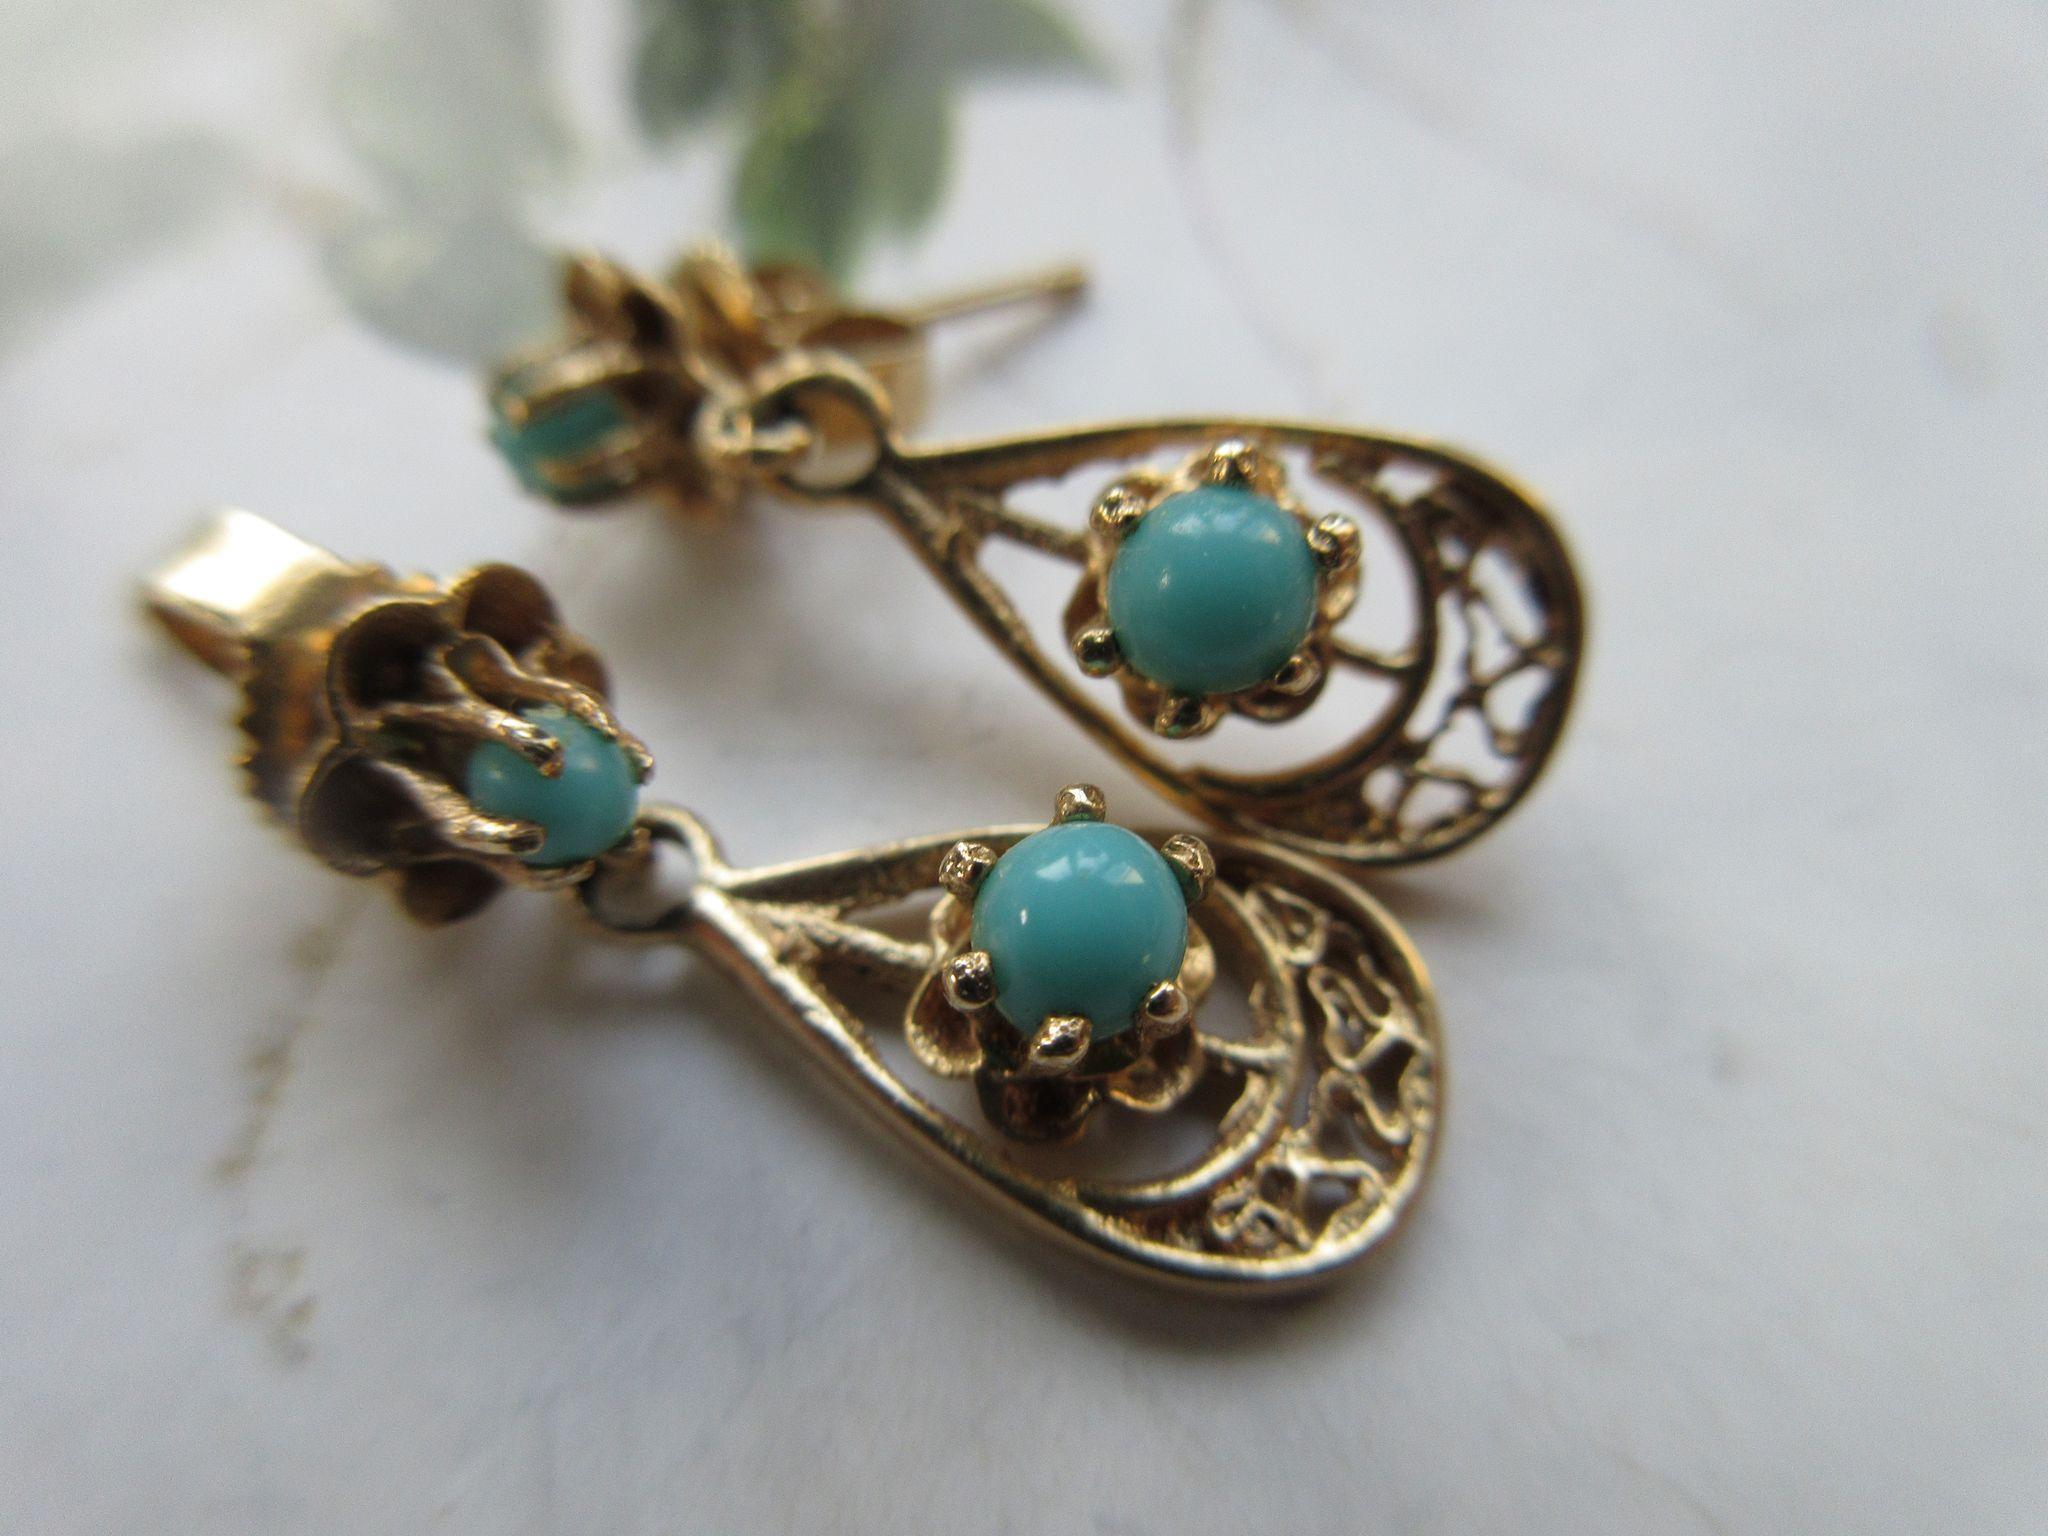 Vintage 10K Turquoise Drop Pierced Earrings, Fine Estate jewelry